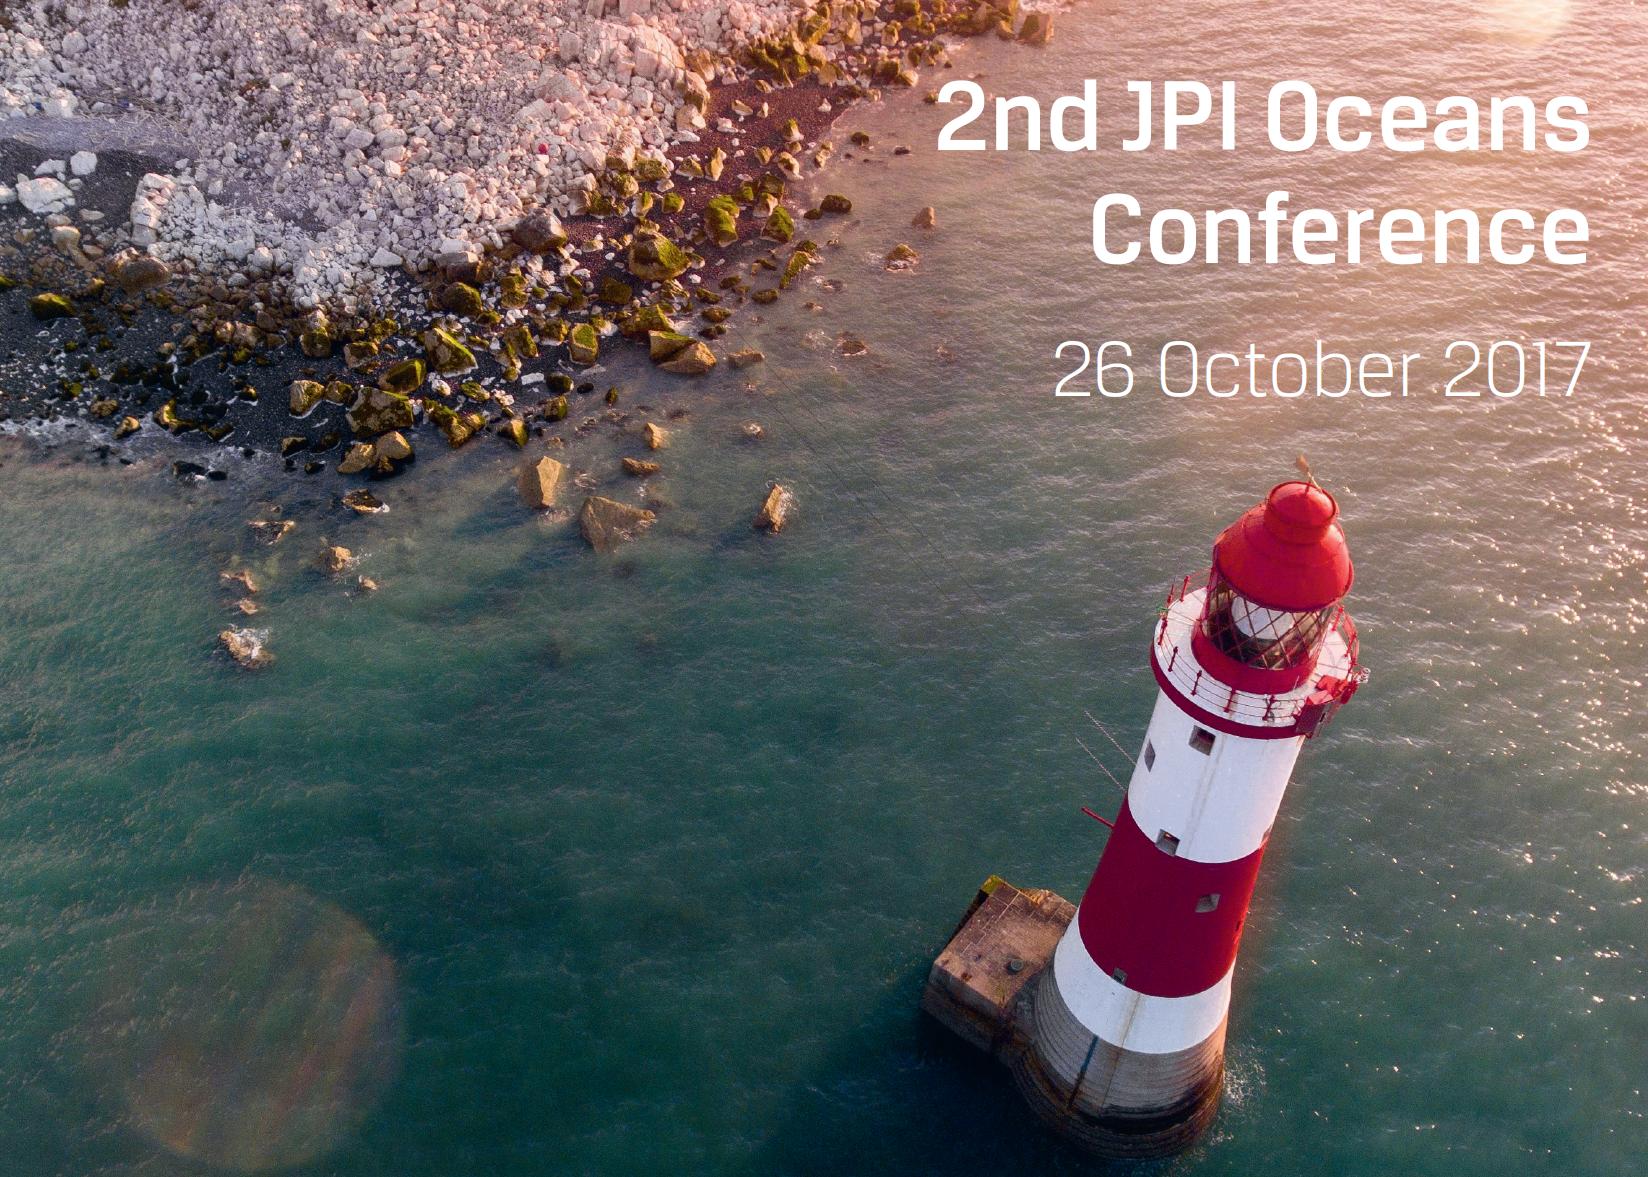 @ 2nd JPI Oceans Conference 26 October 2017